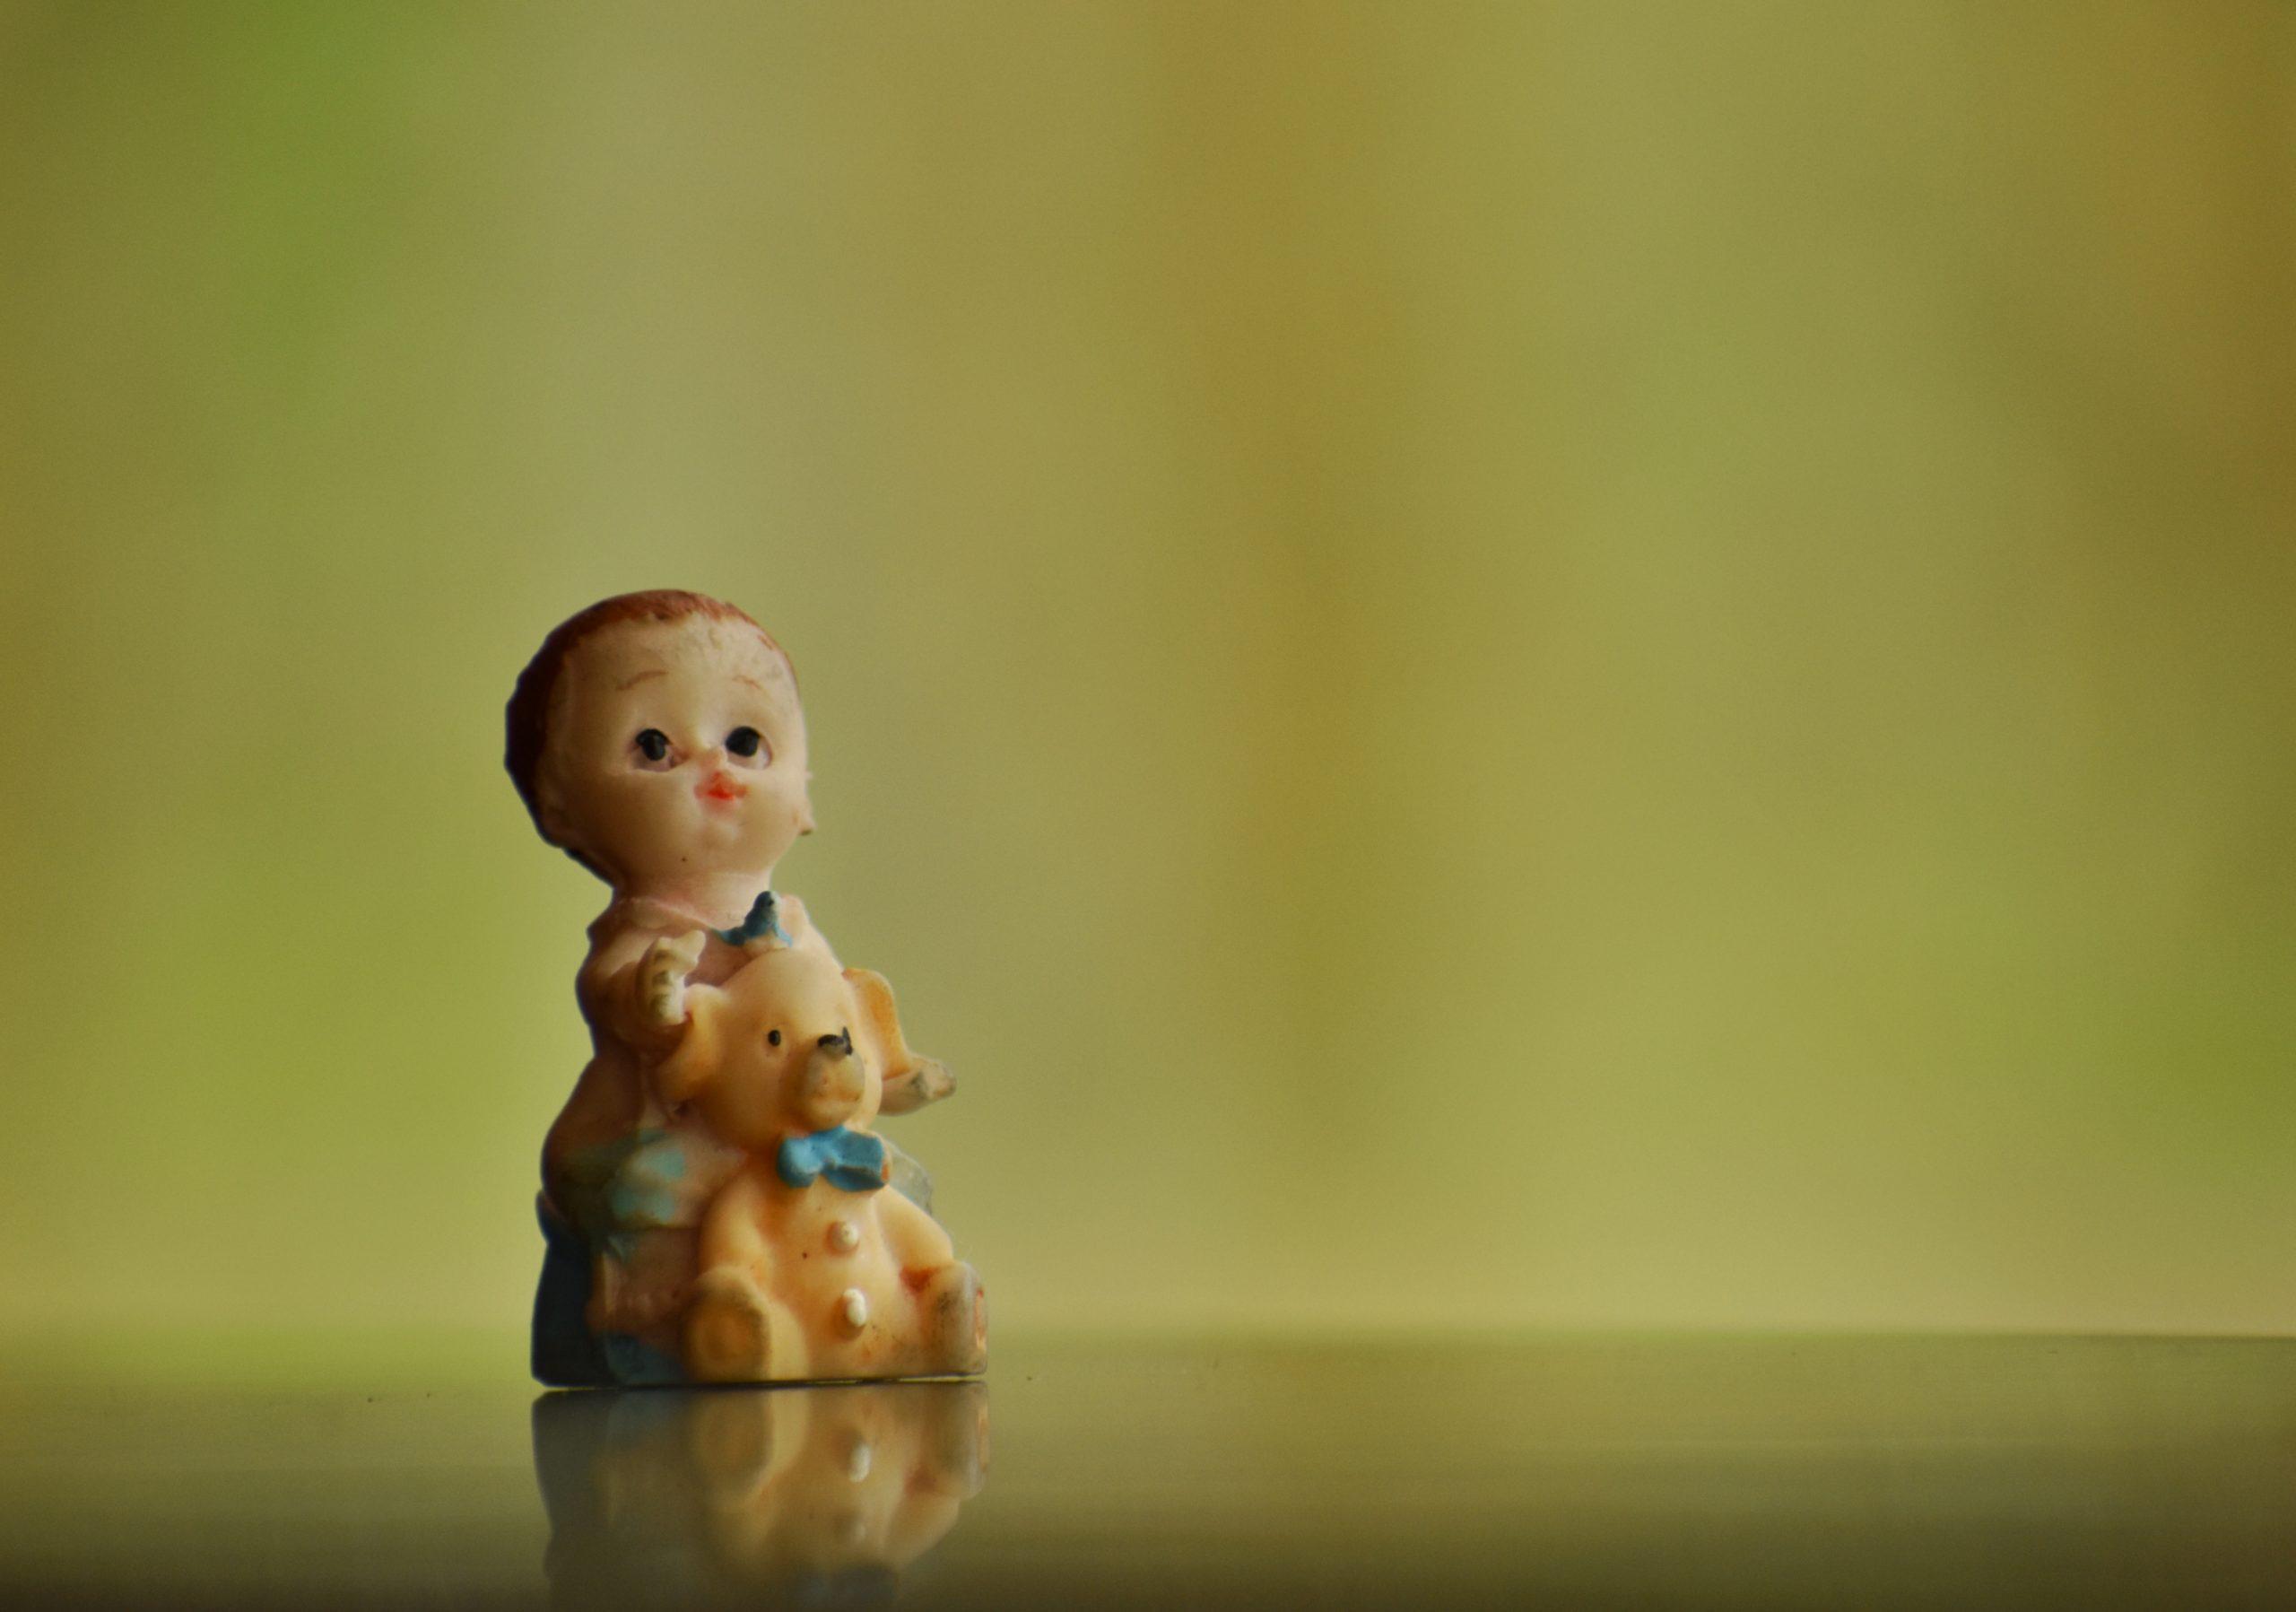 Figurine of boy holding teddy bear